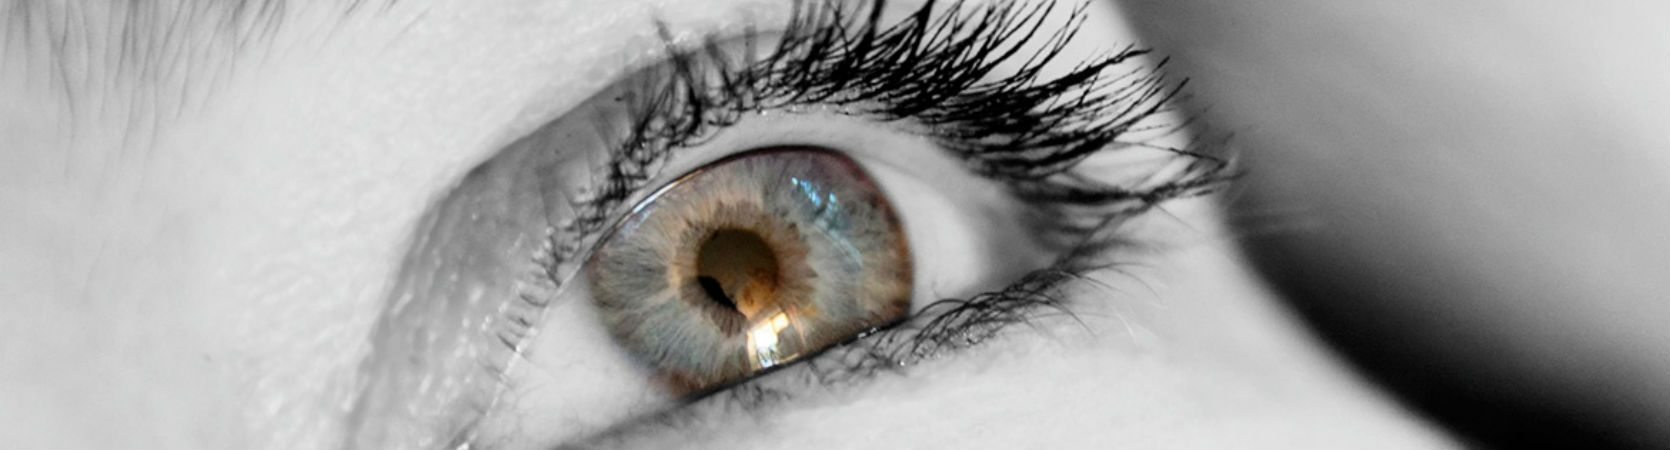 enfermedad del ojo seco